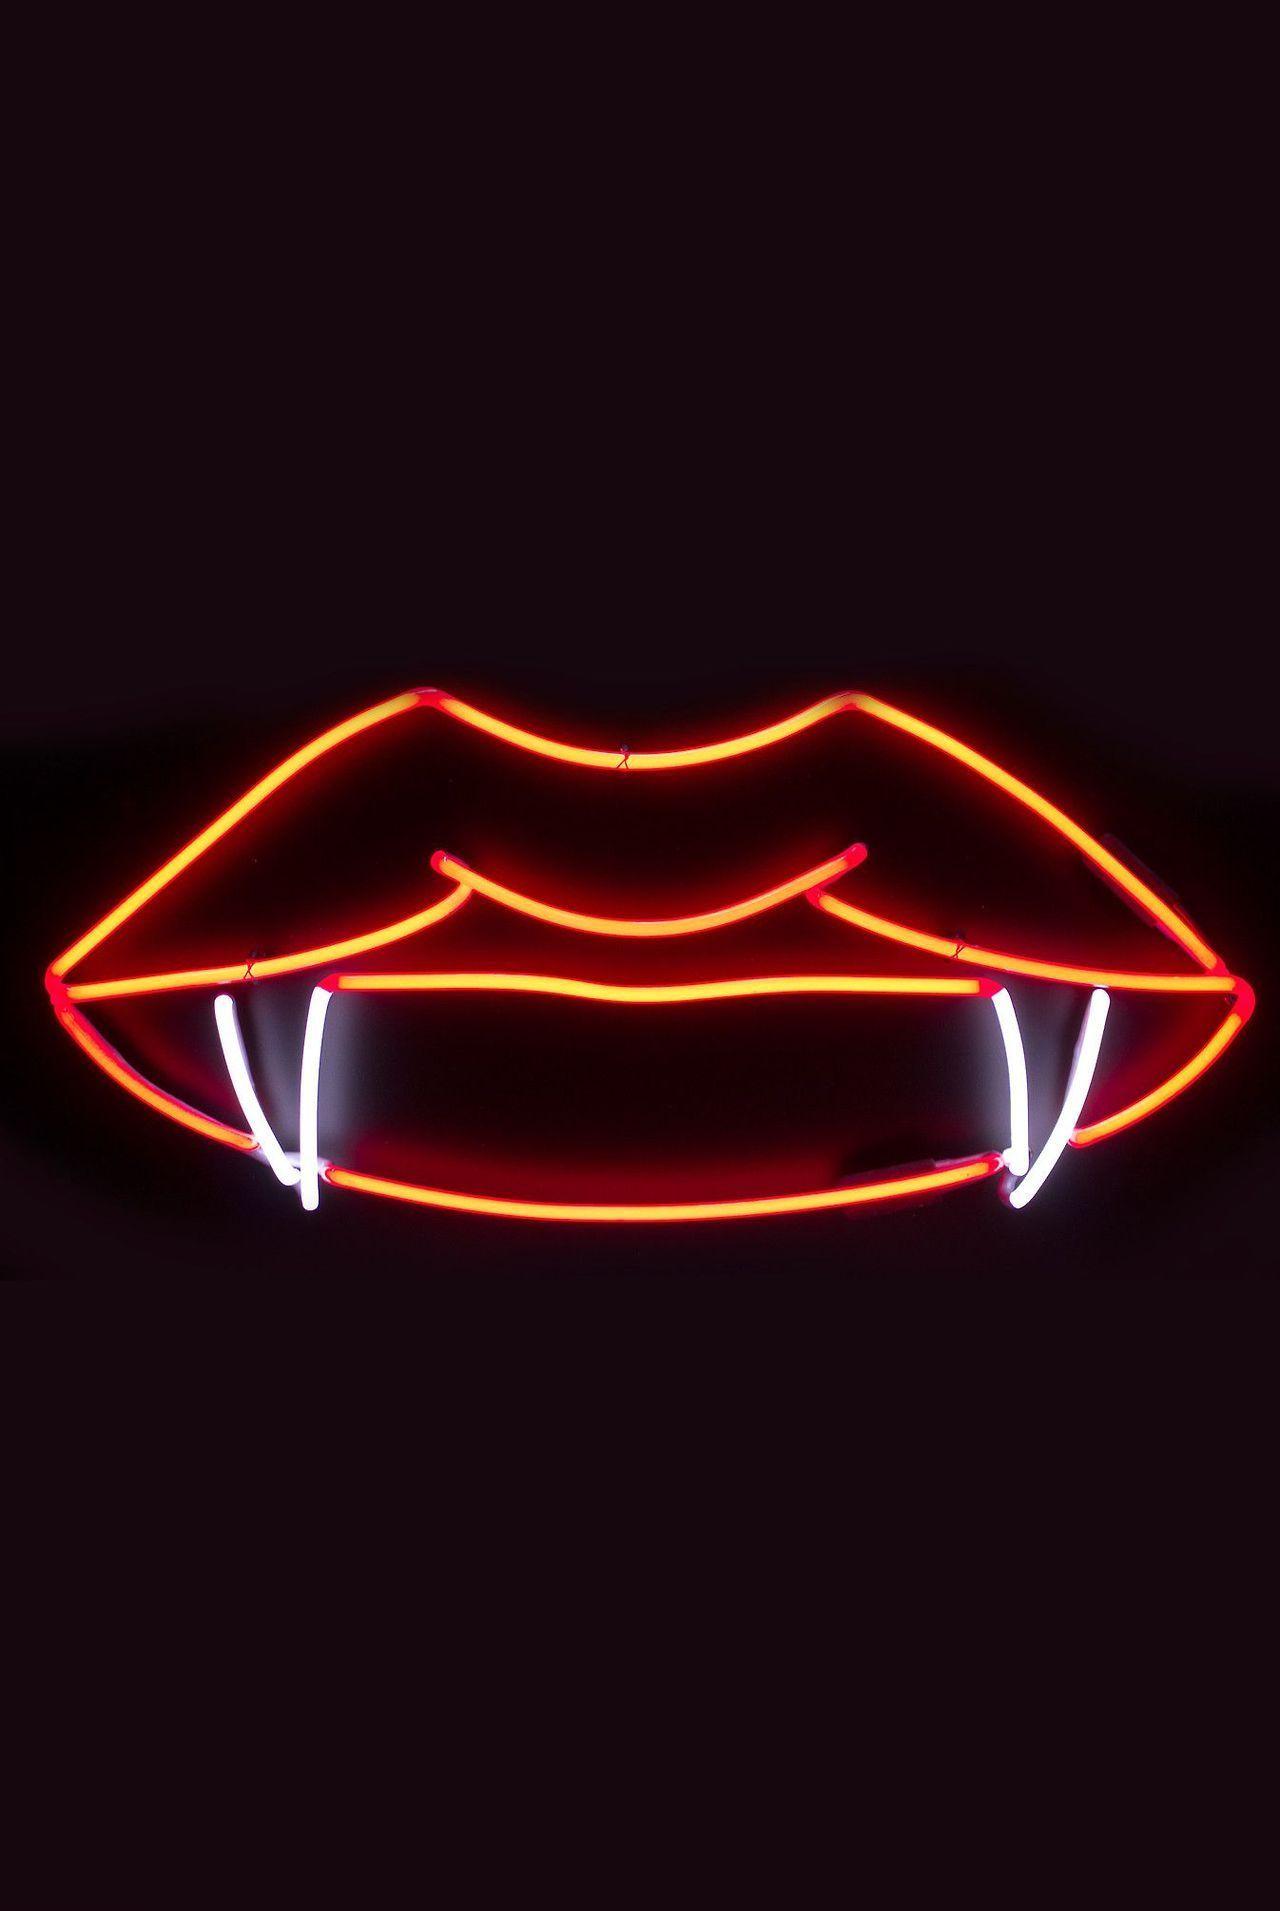 Dress Up Your Tech Locksceen Phonebackground Lockscreens Phonebackgrounds Iphonebackground Iphonebackgrou Neon Wallpaper Wallpaper Iphone Neon Neon Signs